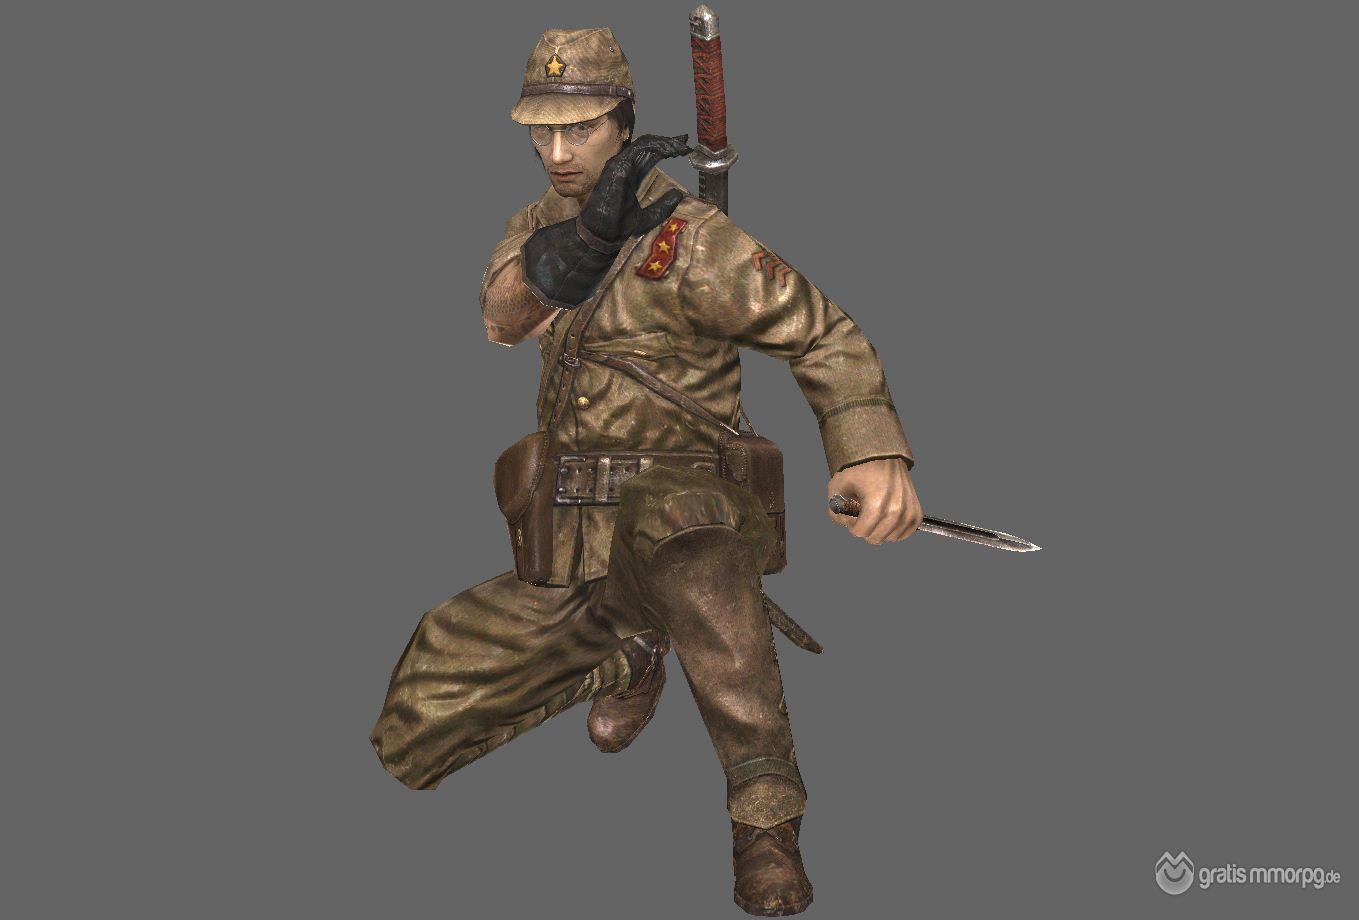 Klicke auf die Grafik für eine größere AnsichtName:Japanese Soldier_01.jpgHits:36Größe:78,0 KBID:5537